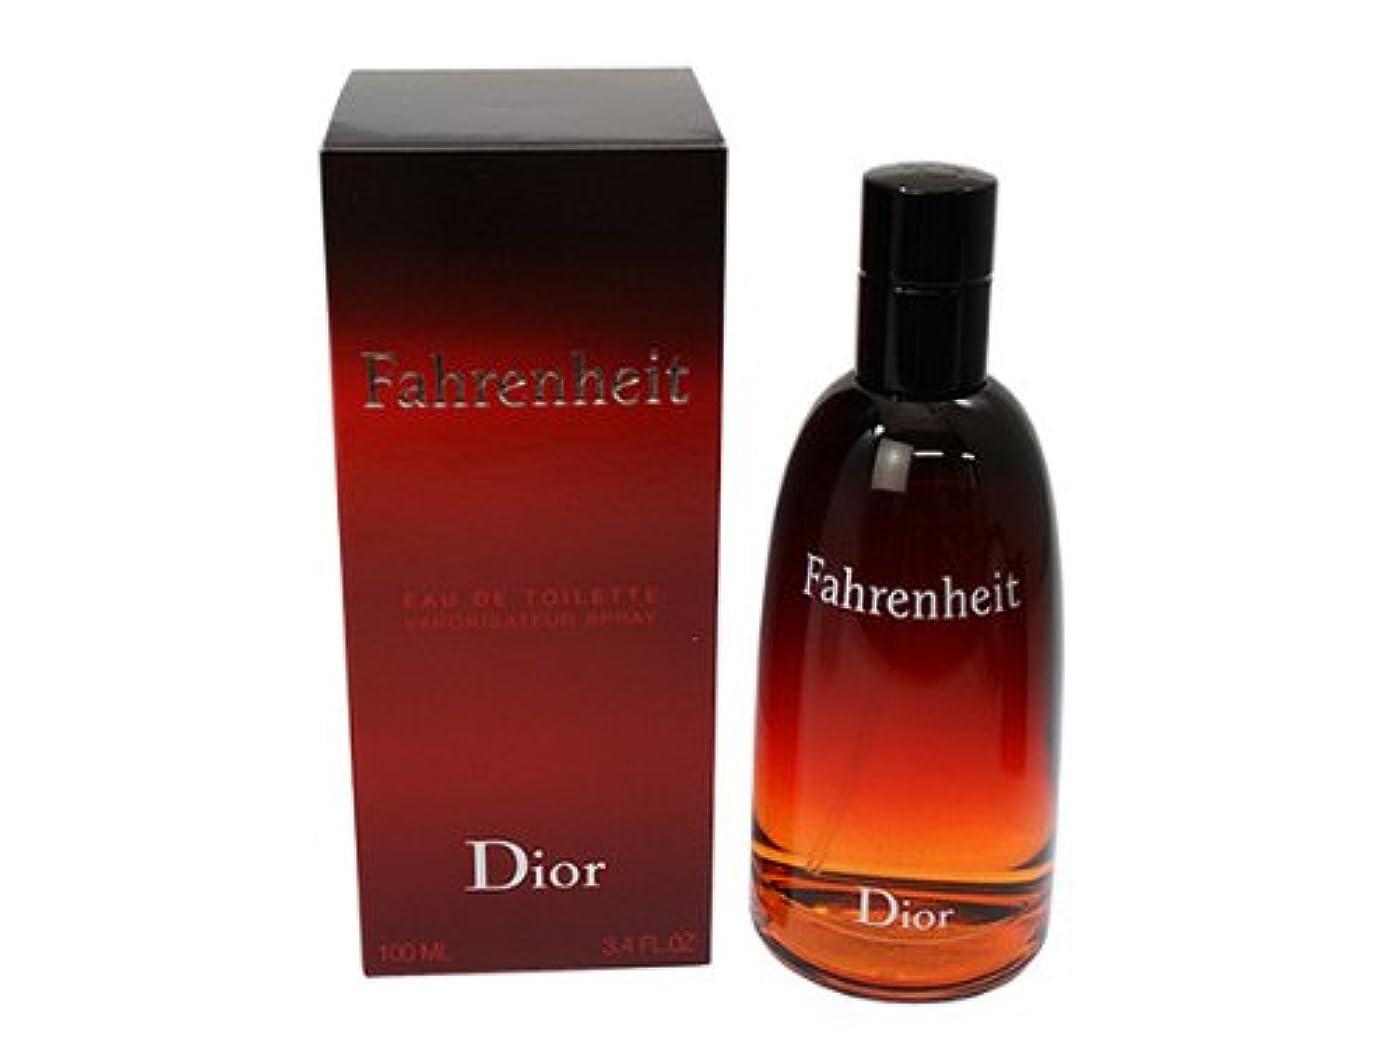 仲良し養う背が高いファーレンハイト Dior クリスチャンディオール オードトワレ EDT 100ML メンズ用香水、フレグランス